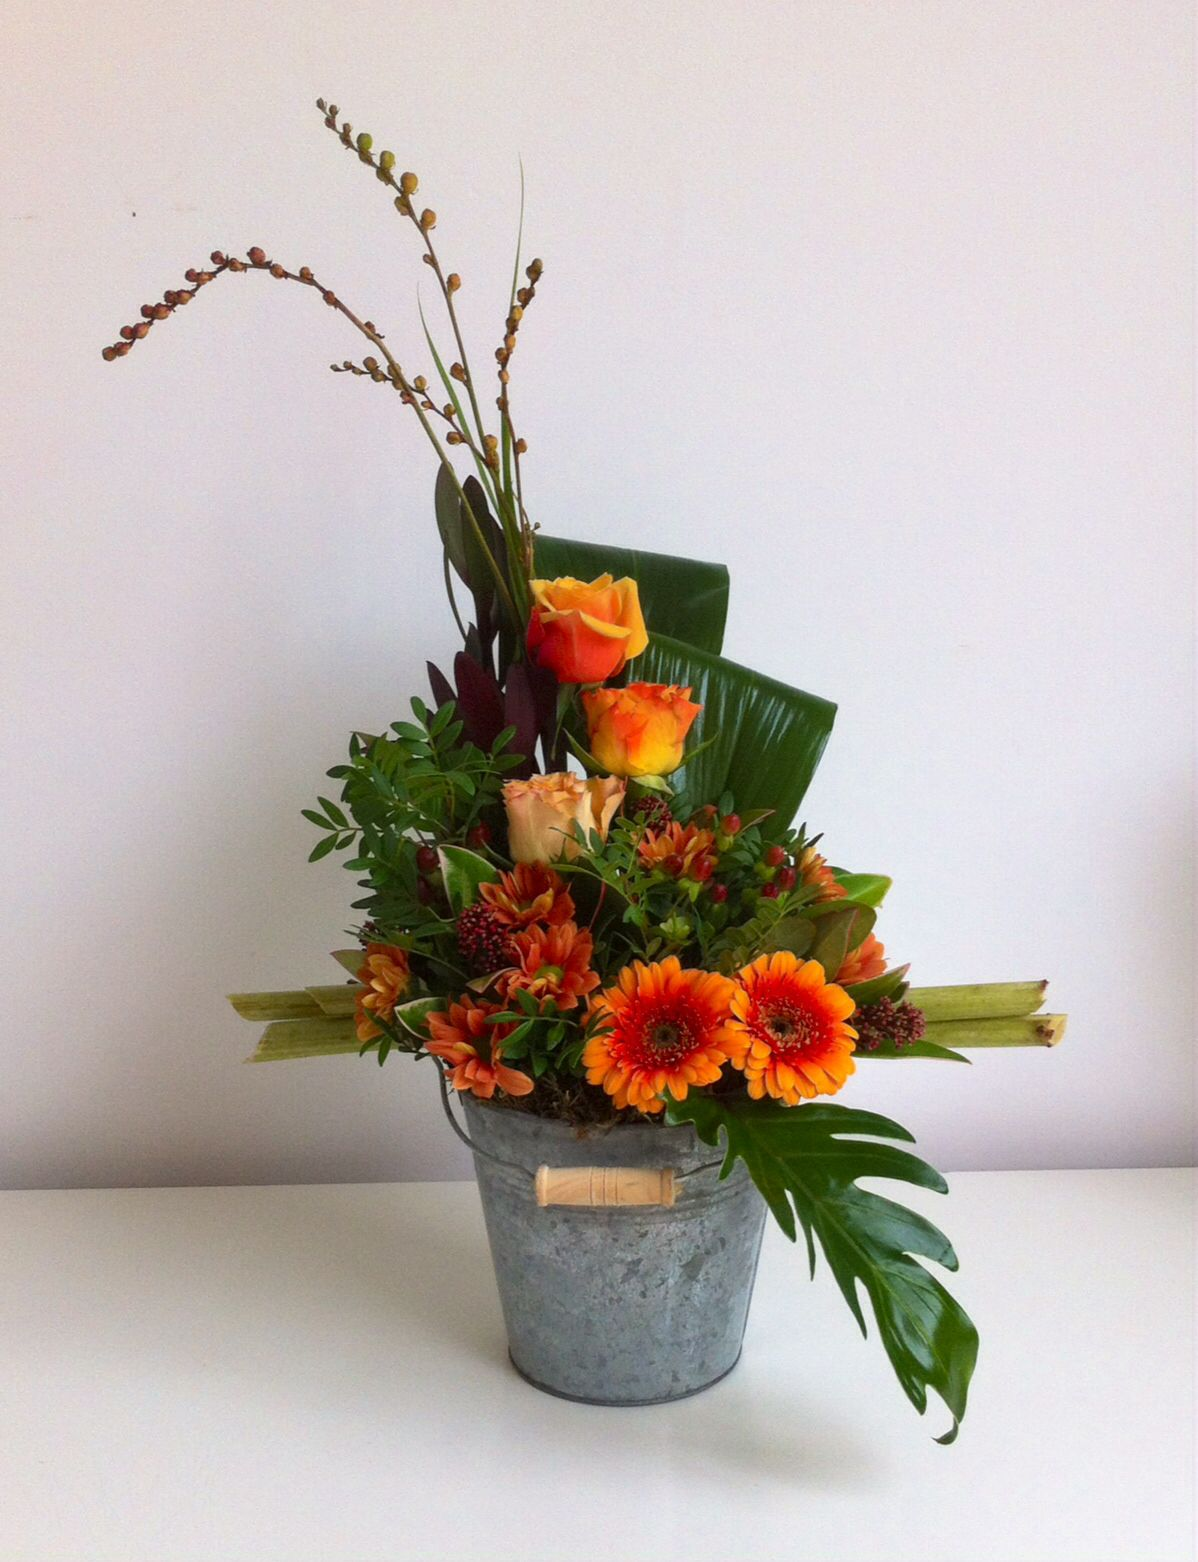 montage floral d 39 automne fall arrangement art florak pinterest montage automne et. Black Bedroom Furniture Sets. Home Design Ideas